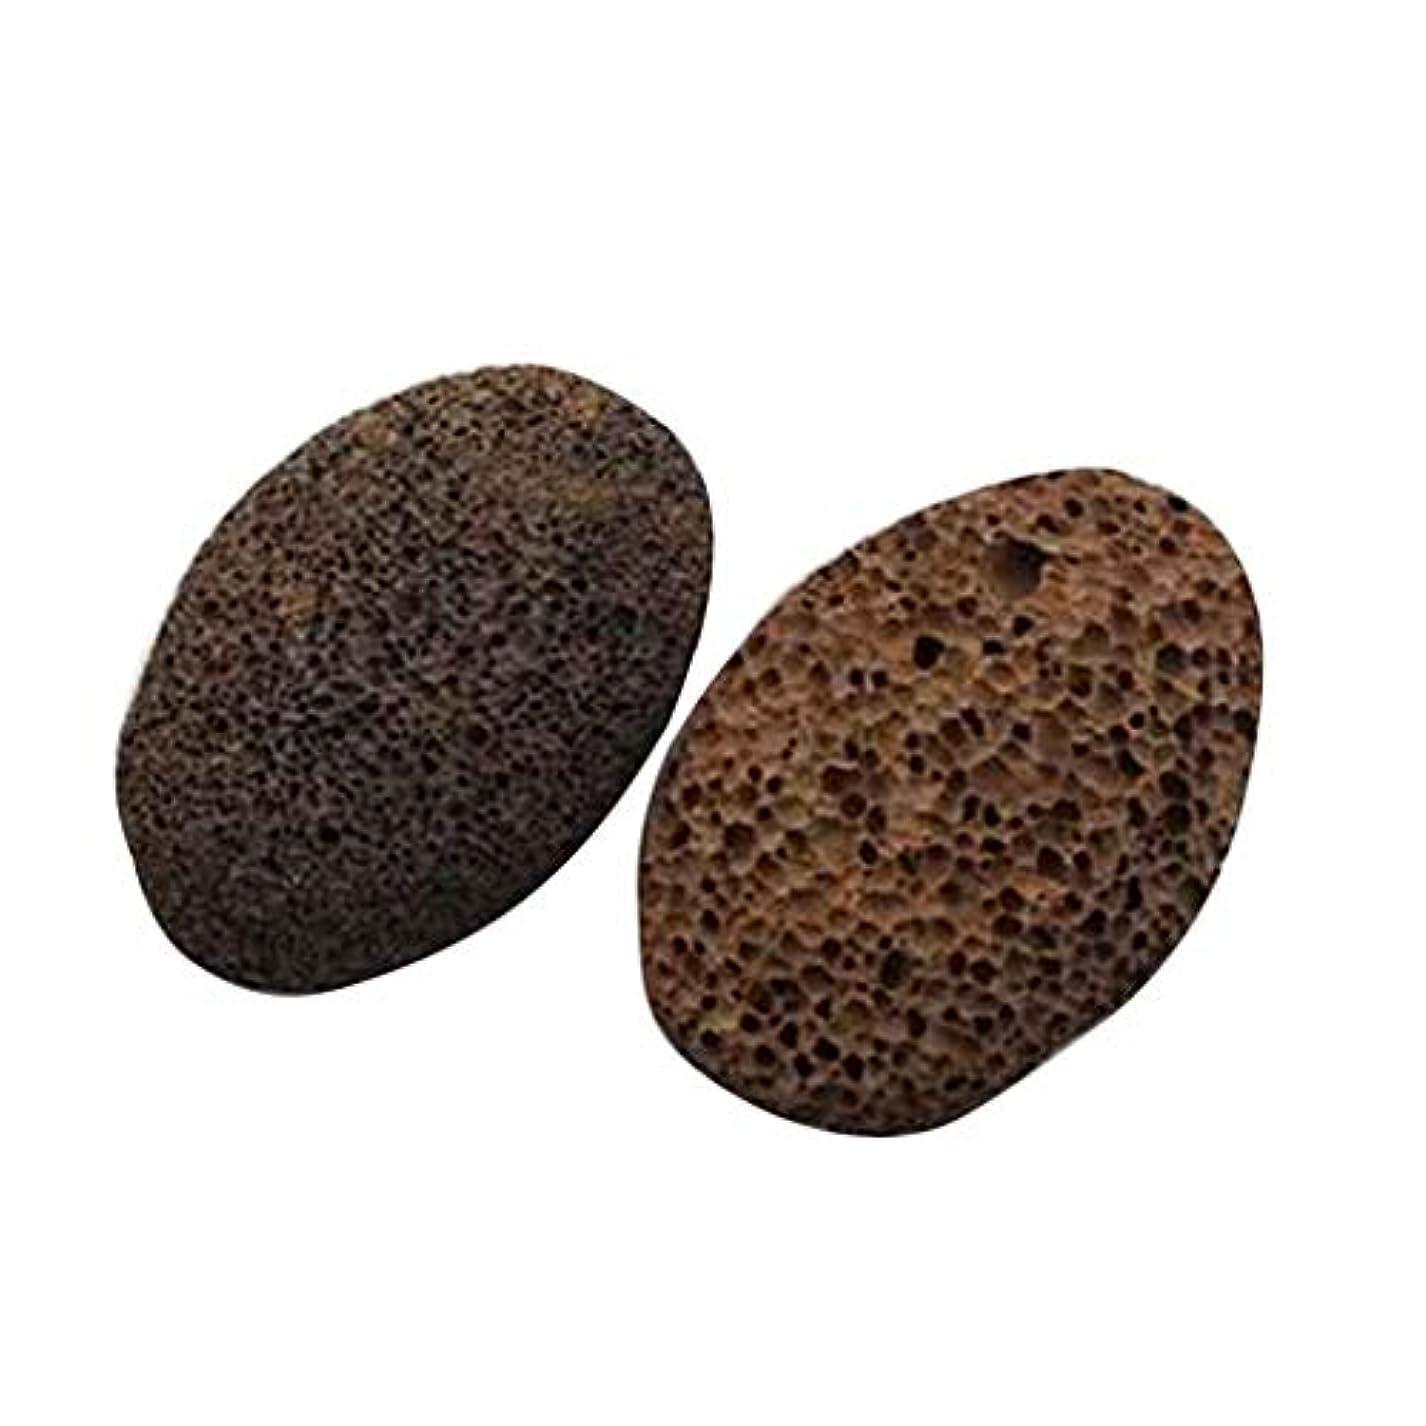 ばかげている詐欺師アスリートNerhaily 死んだ皮軽石を取り除き 足石を挽いて 自然の火山石を剥がします 足マッサージ石 ワイプ足石 2個セット